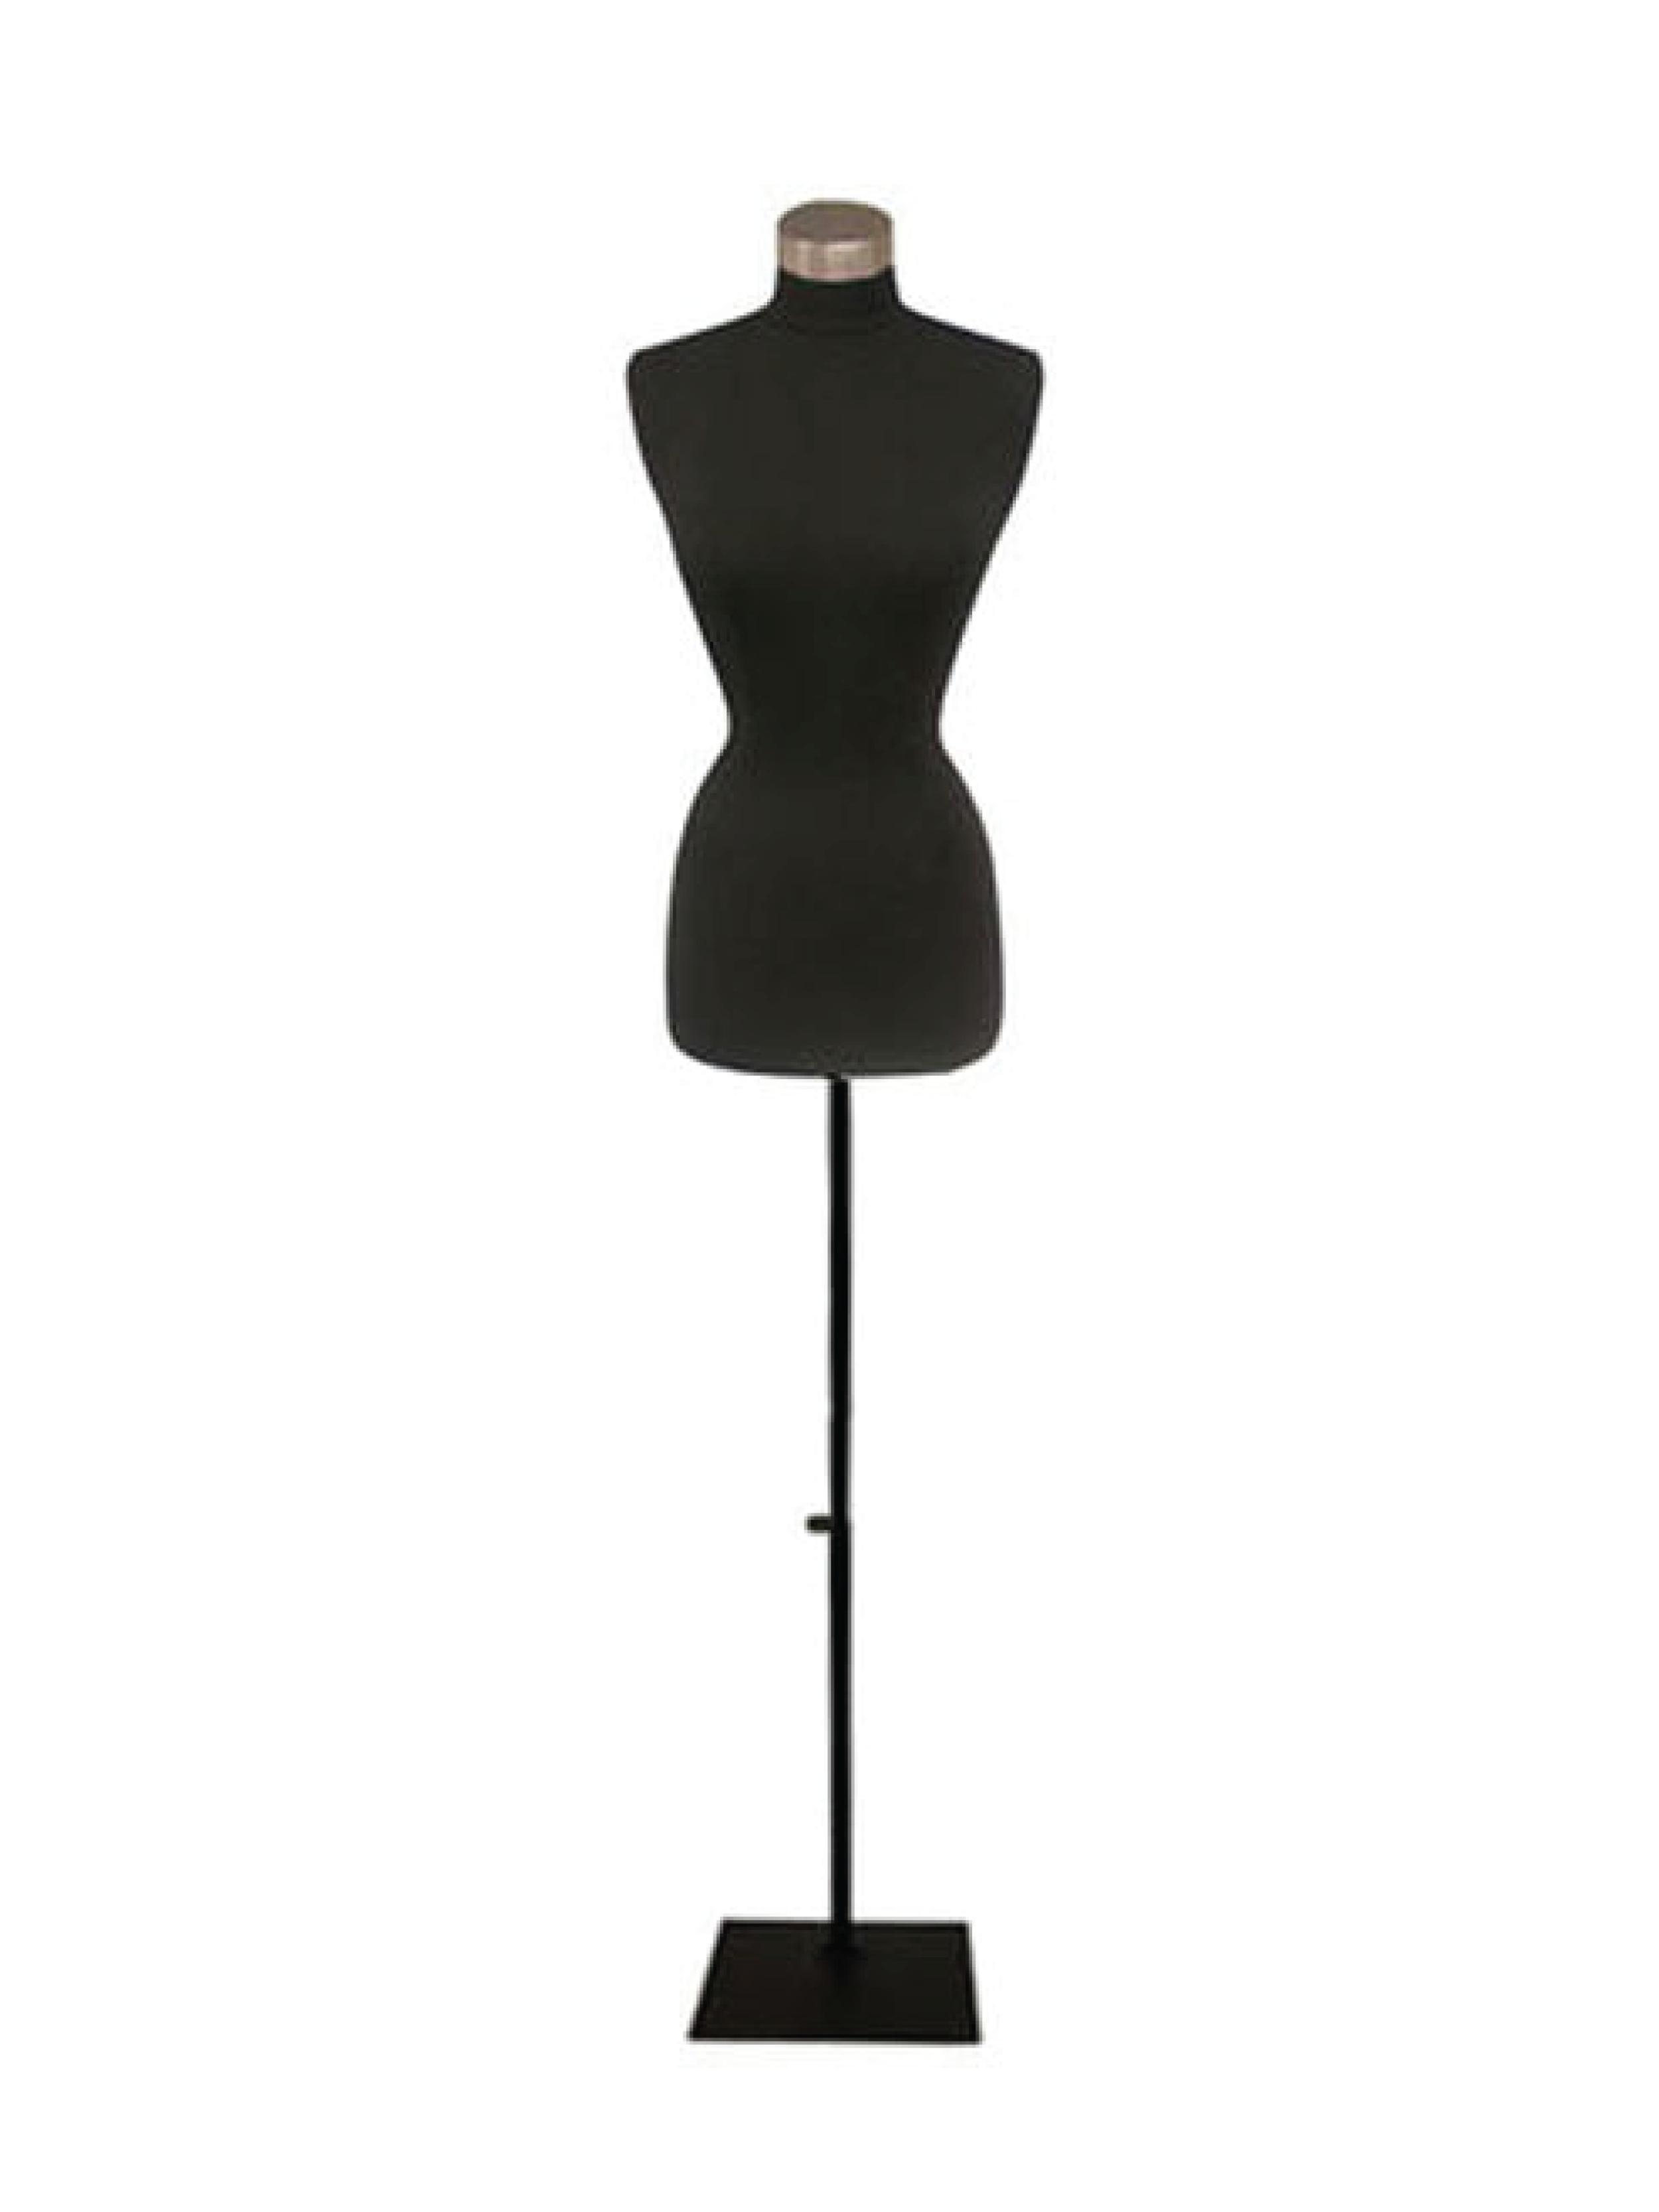 . PlusPng.com FEMALE FORM DRESS 6-8 PlusPng.com  - PNG Mannequin